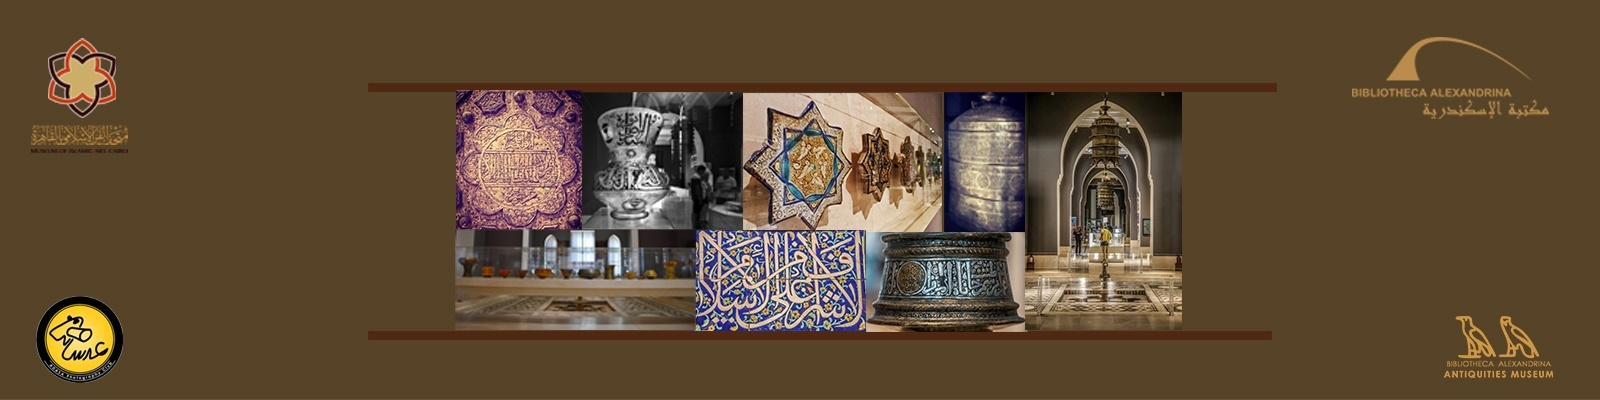 عدسة متحف الفن الإسلامي